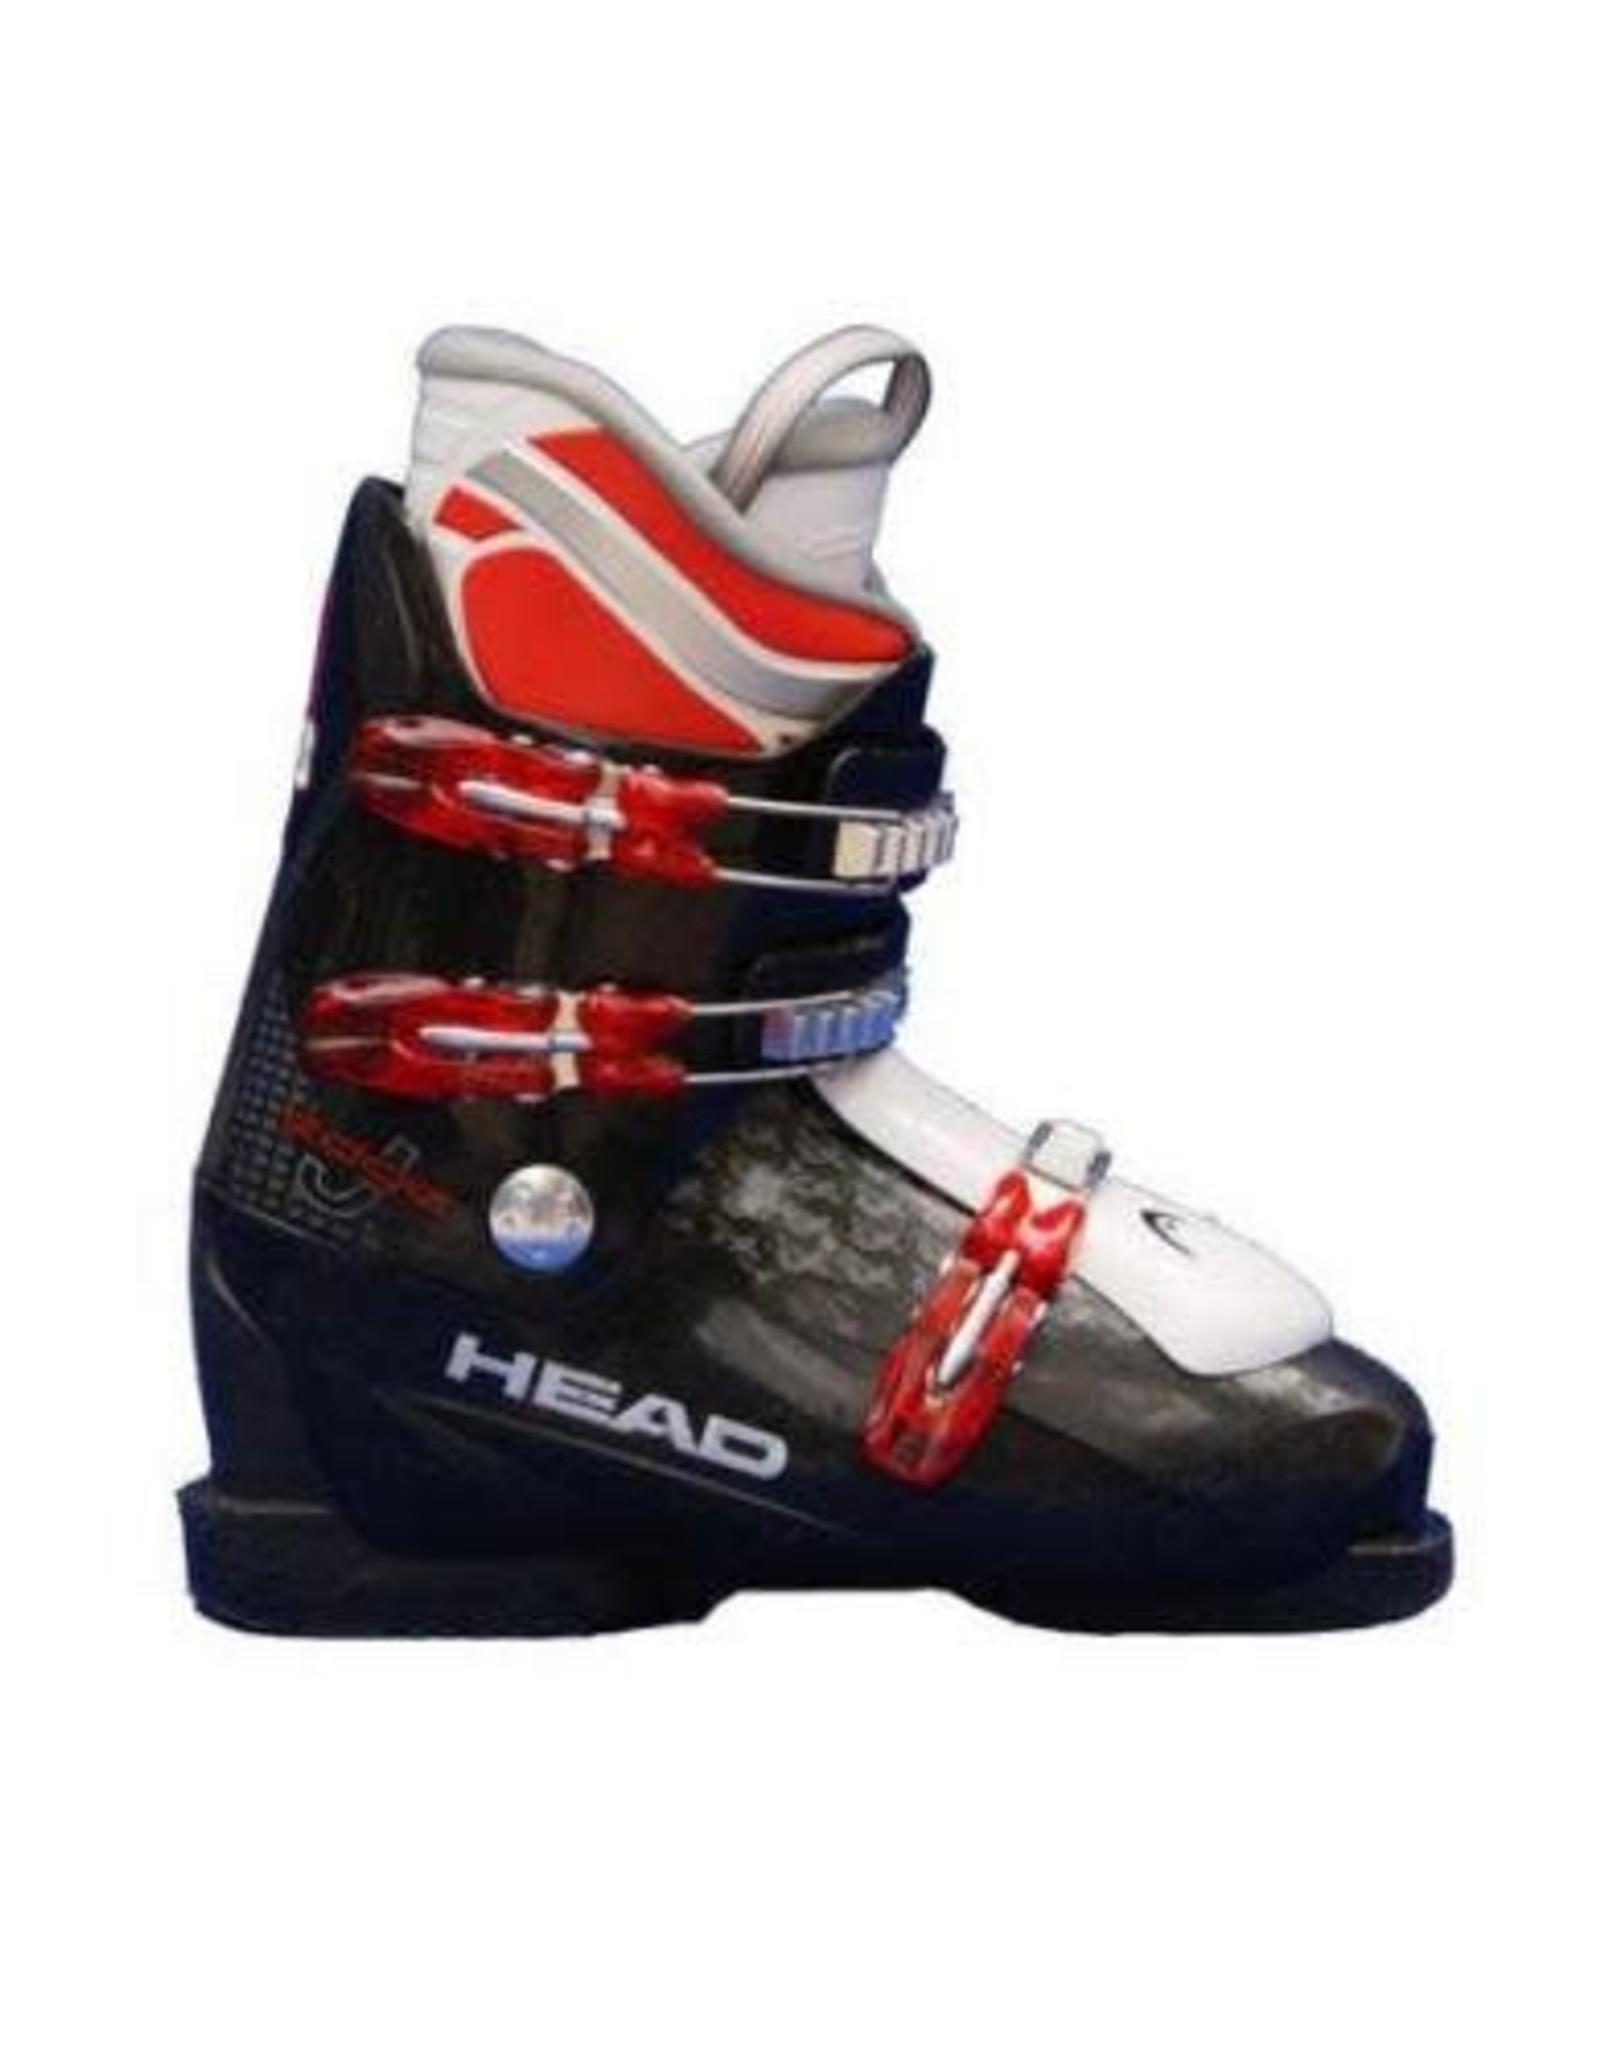 HEAD Skischoenen HEAD Edge J (zw/wit) Gebruikt